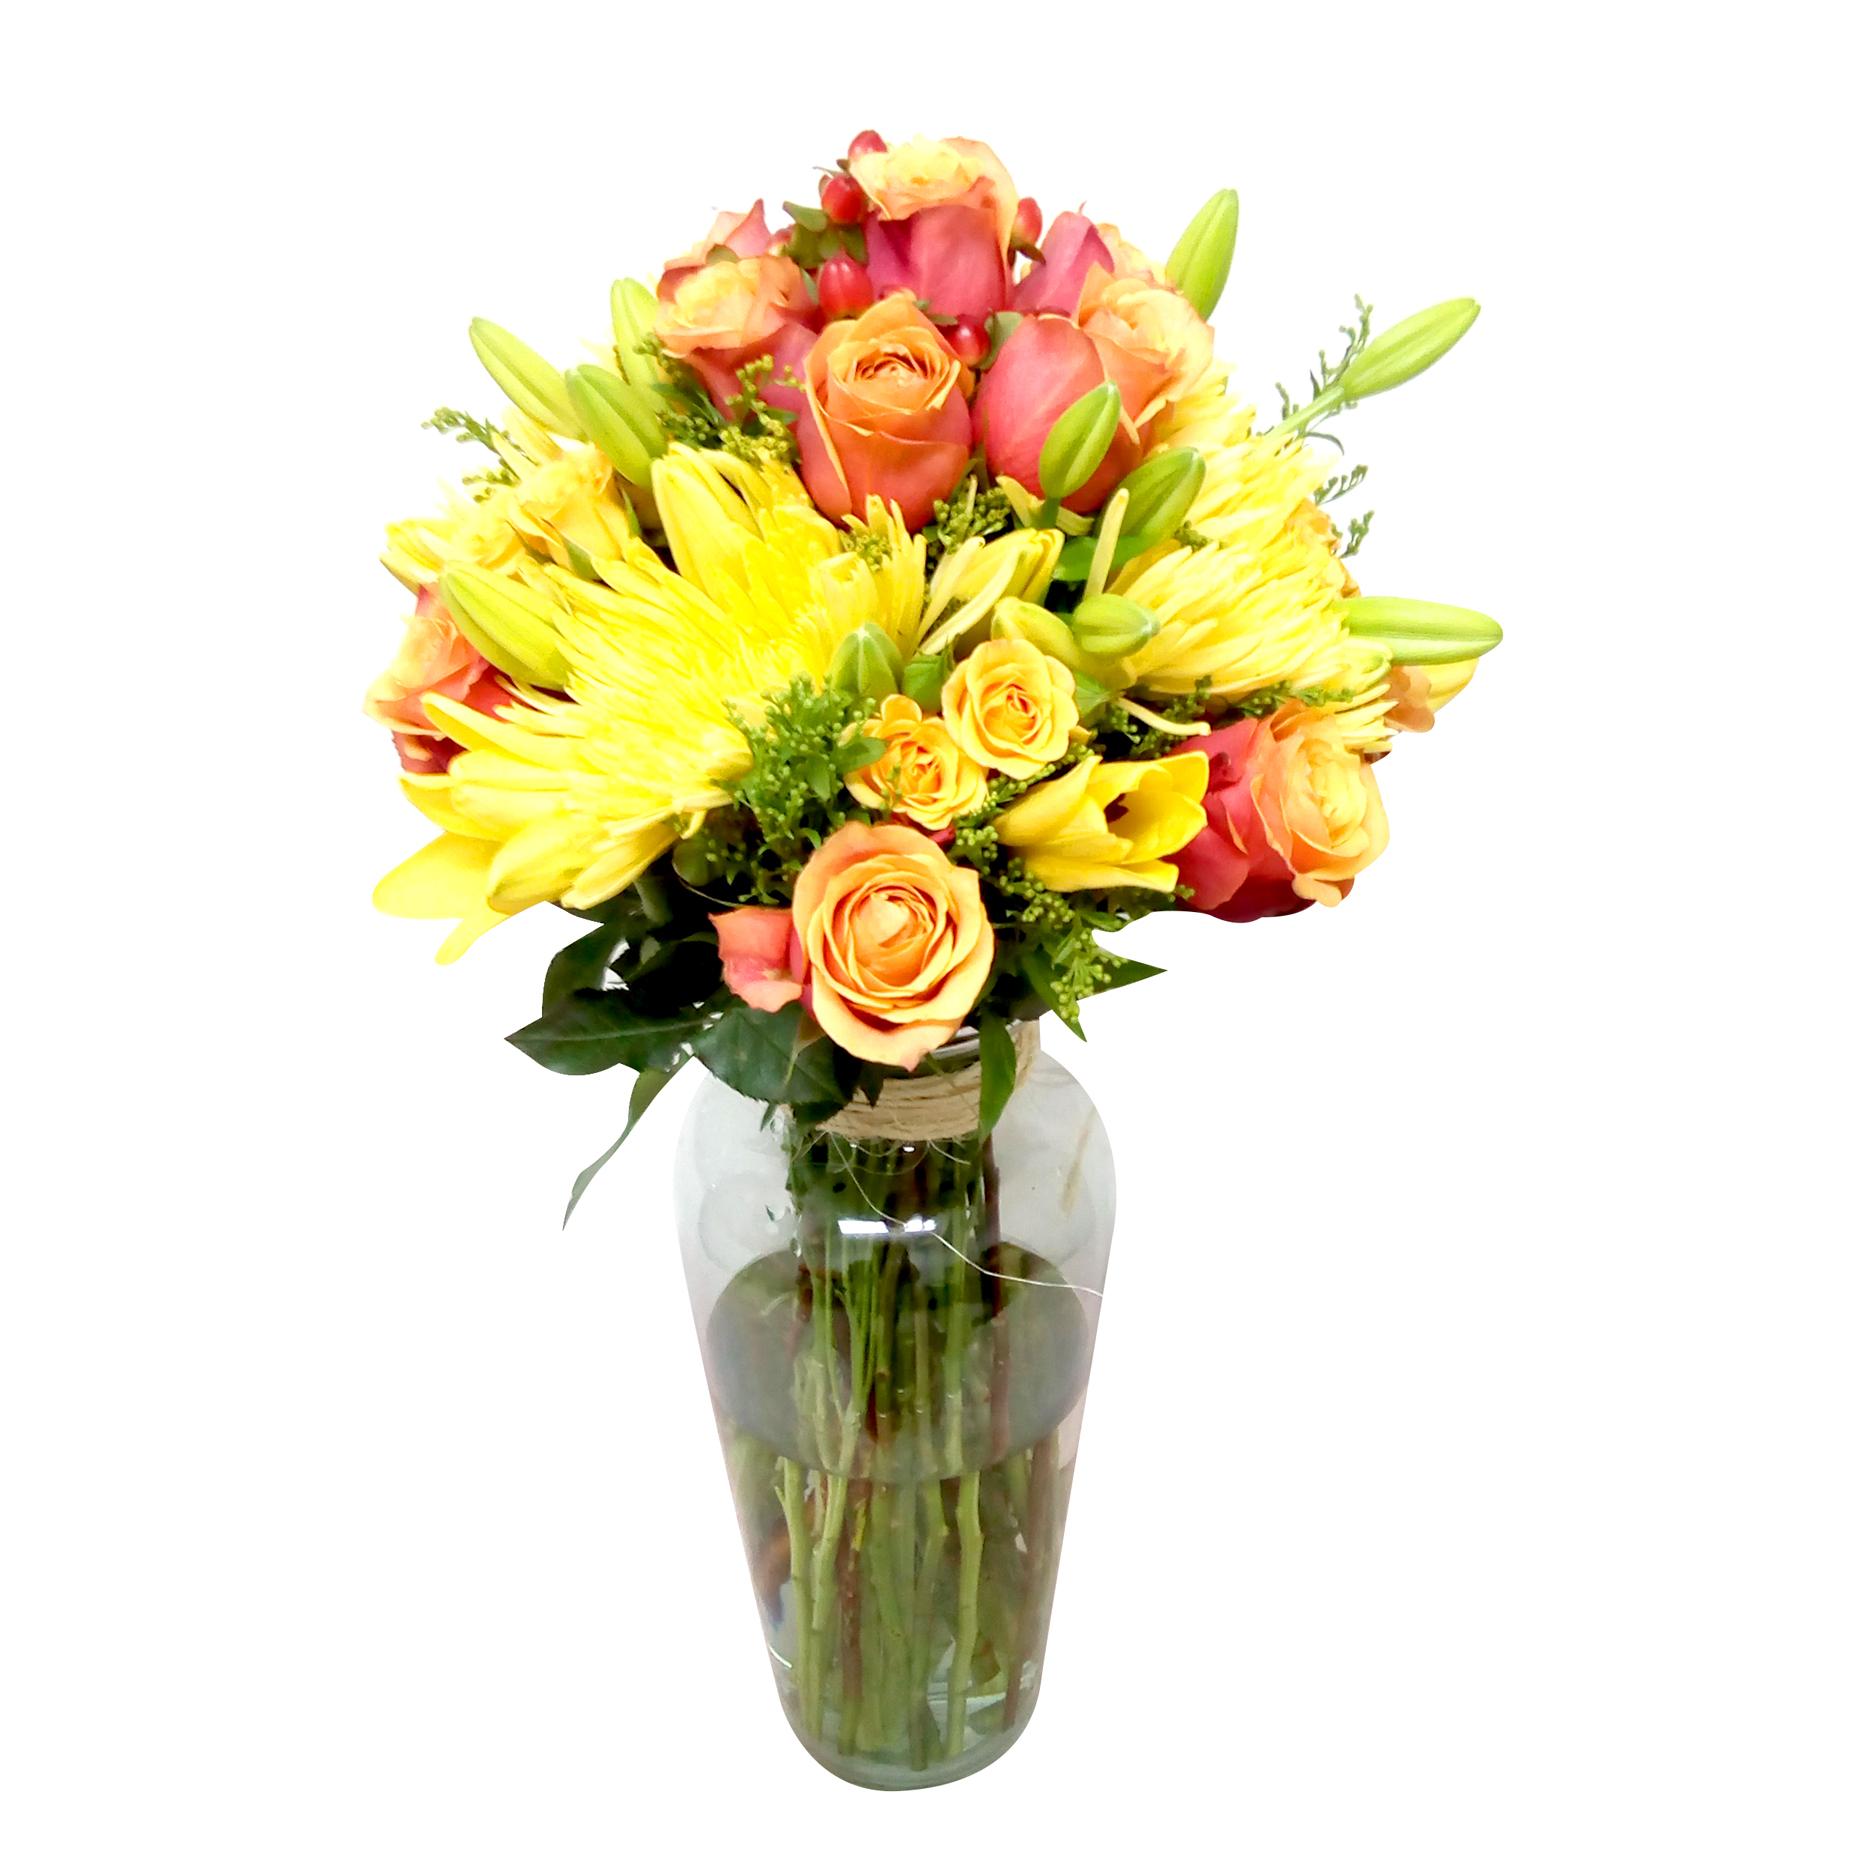 Florero Mixto con Rosas, Mini Rosas, Lilium y Spider